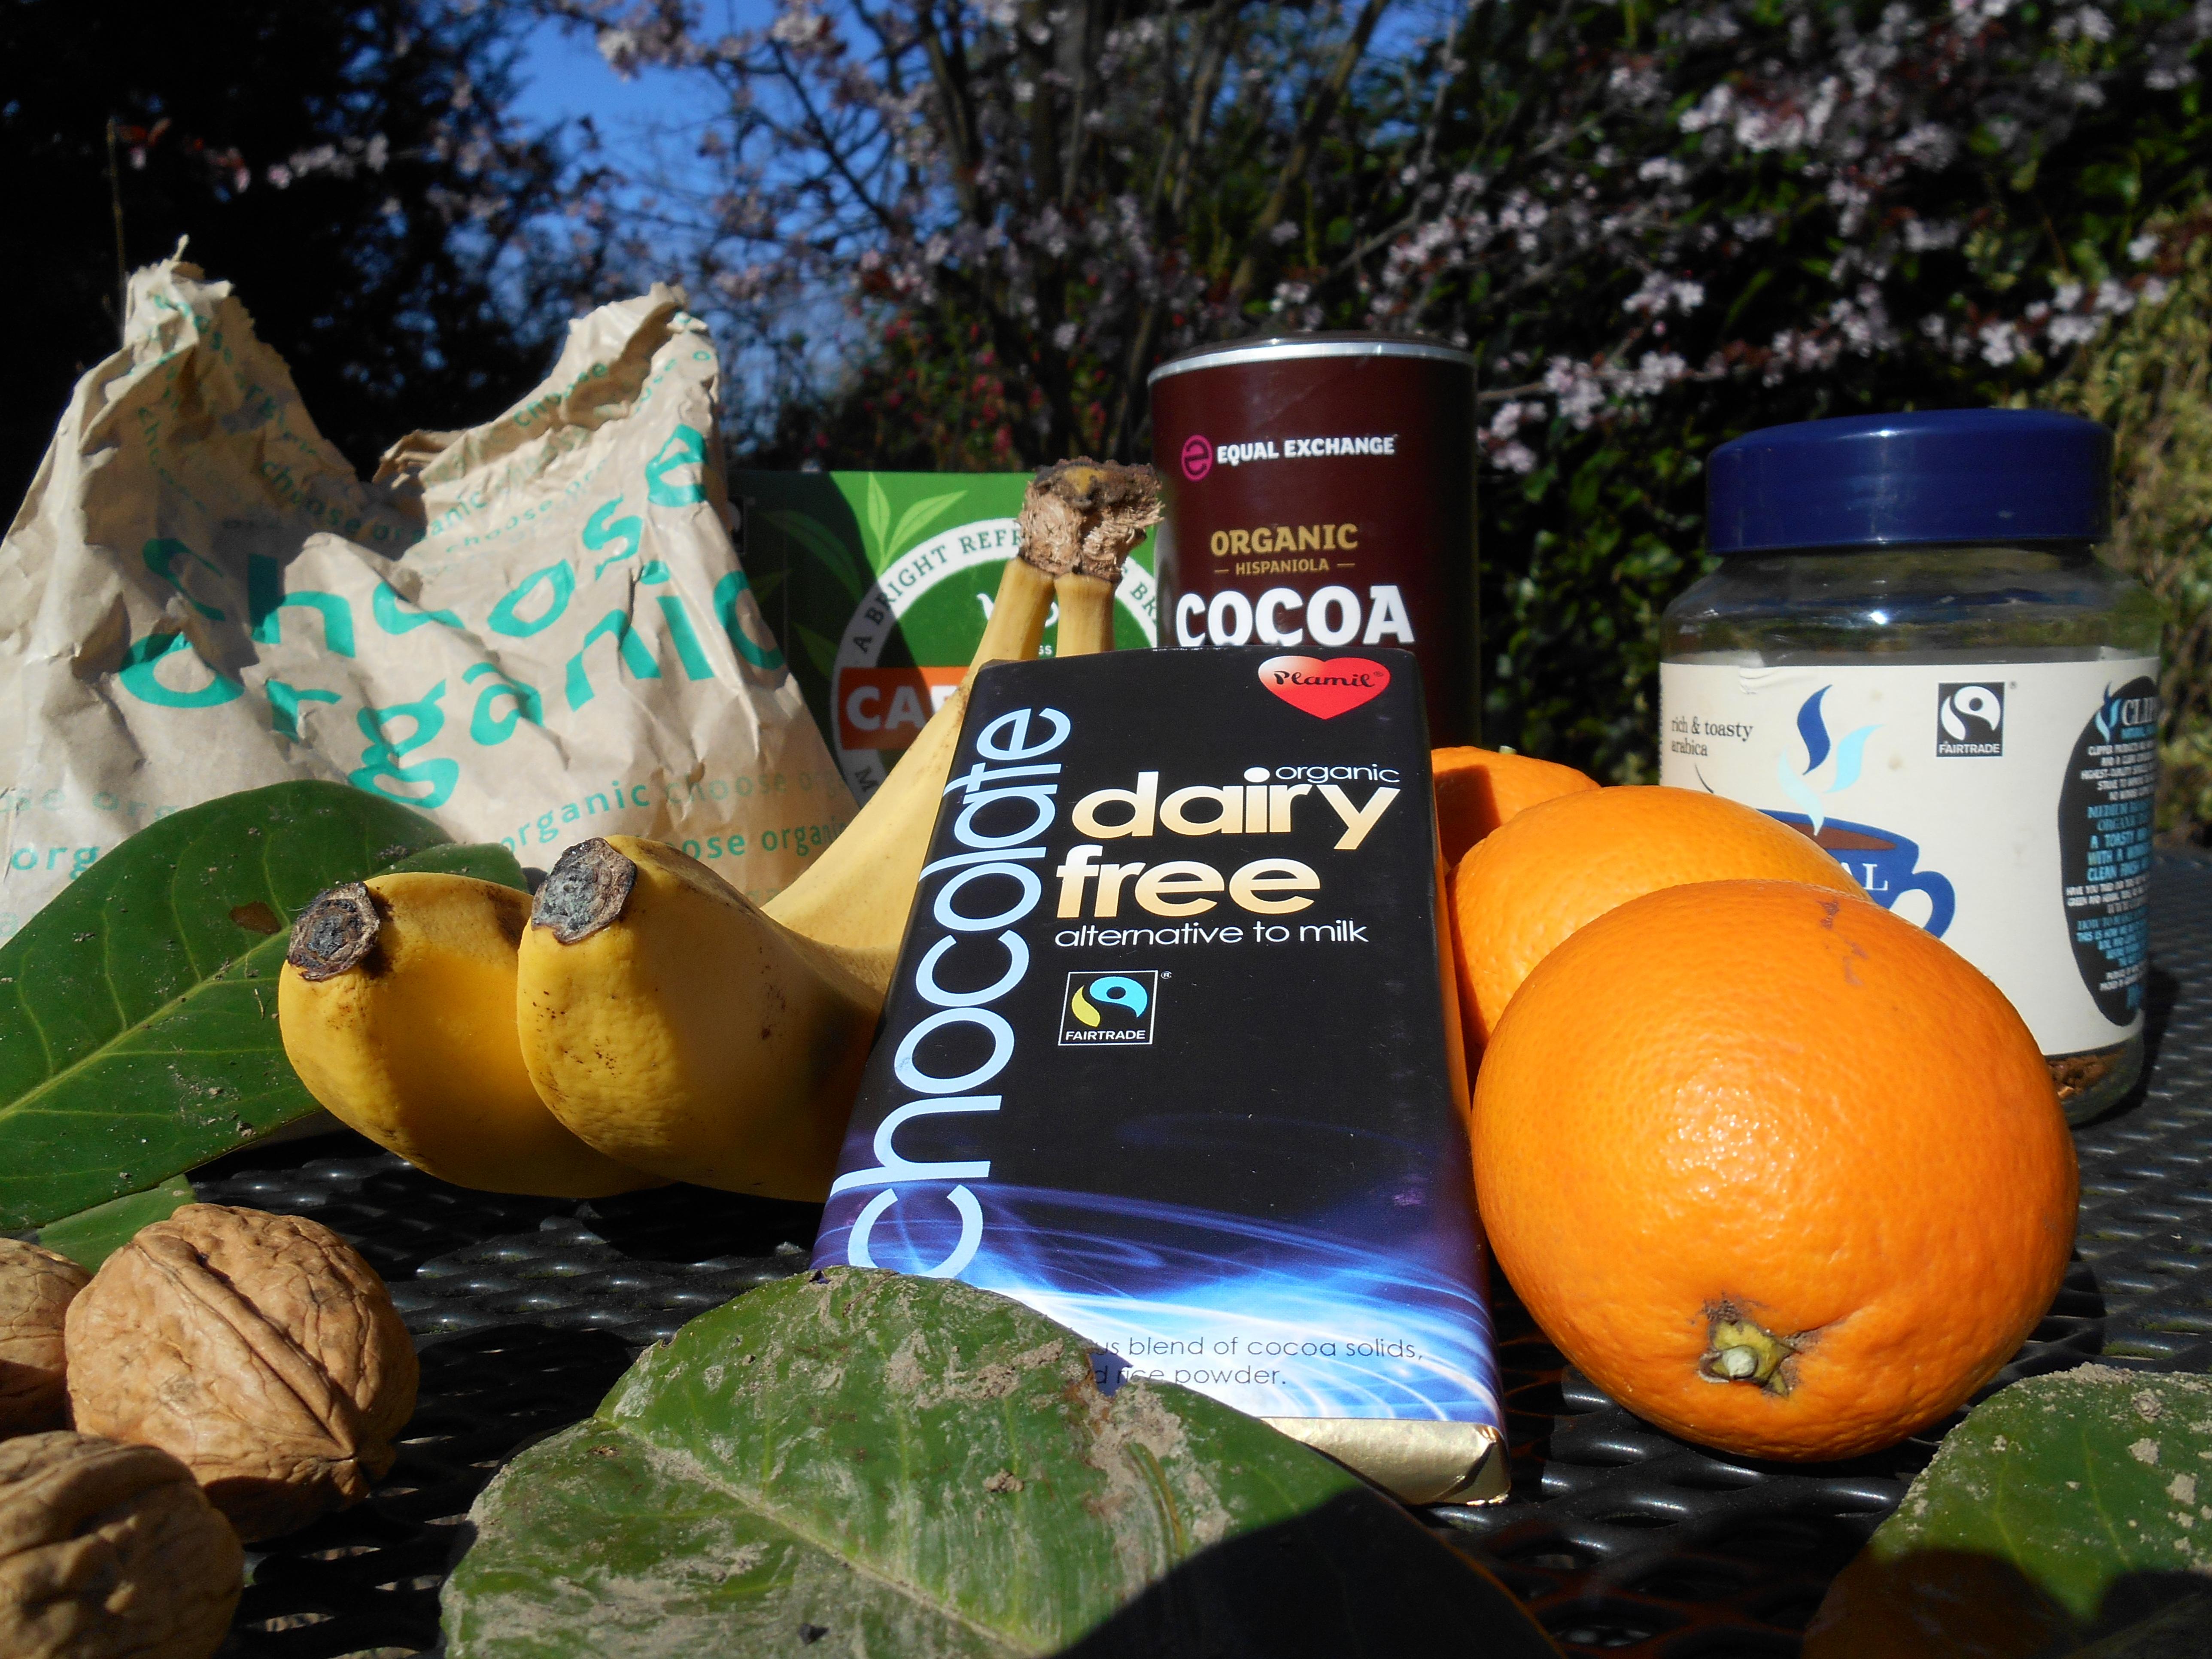 vegan organic fair trade